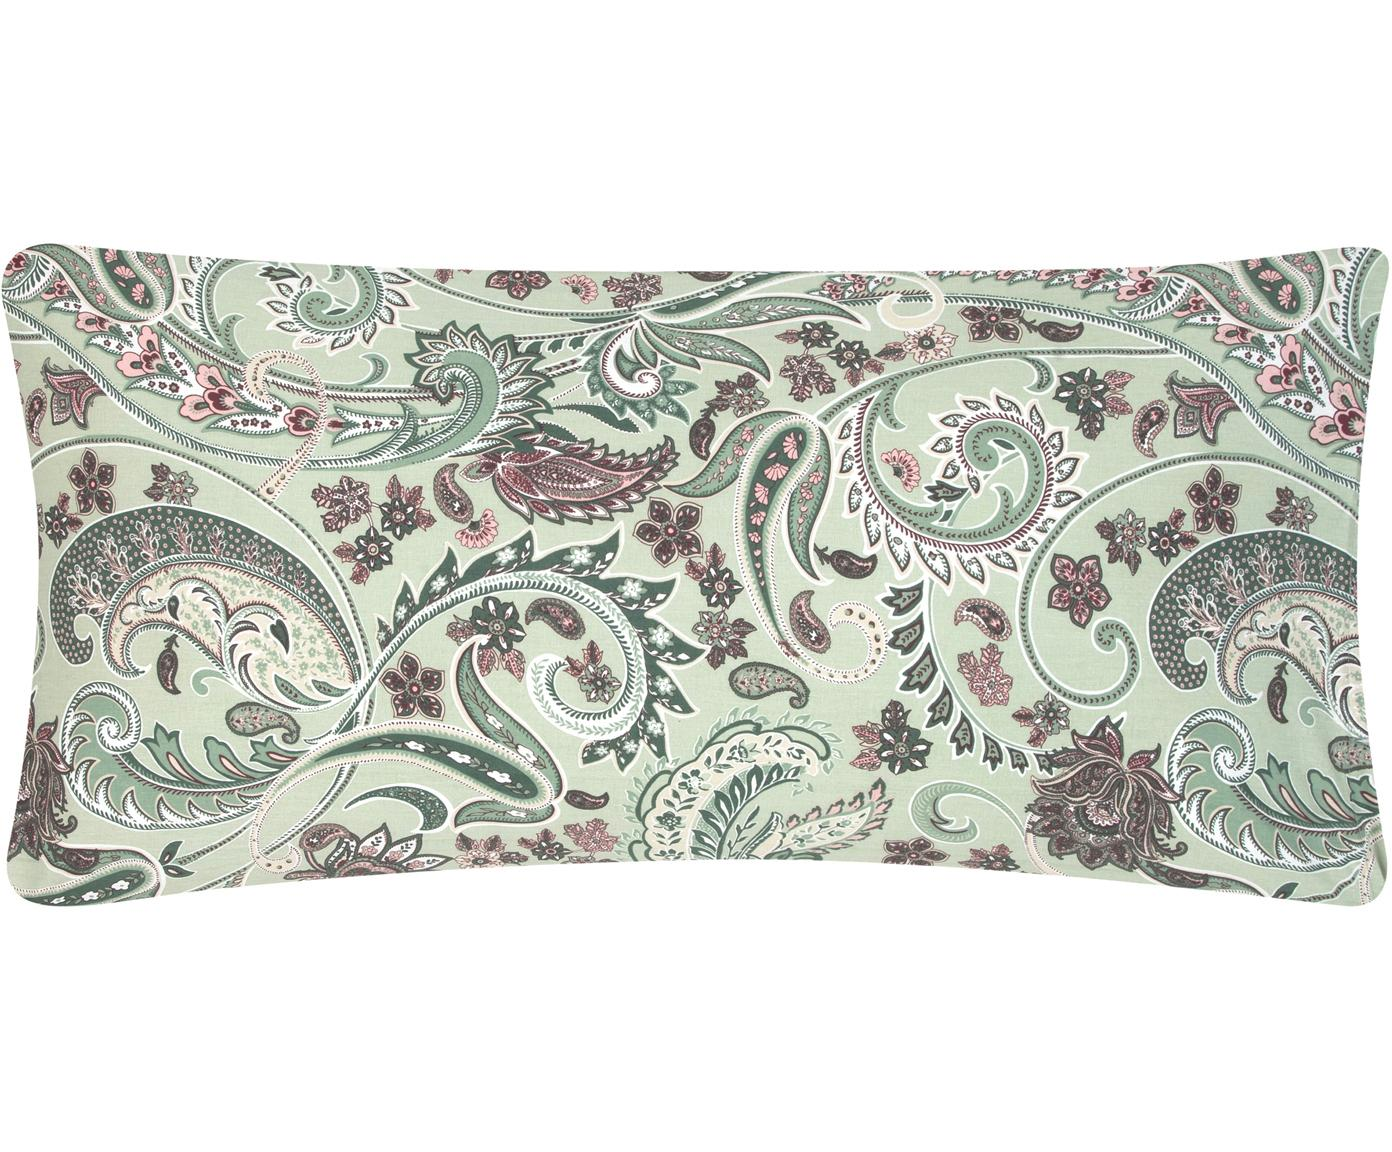 Poszewka na poduszkę z bawełny renforcé Liana, 2 szt., Zielony, wielobarwny, S 40 x D 80 cm